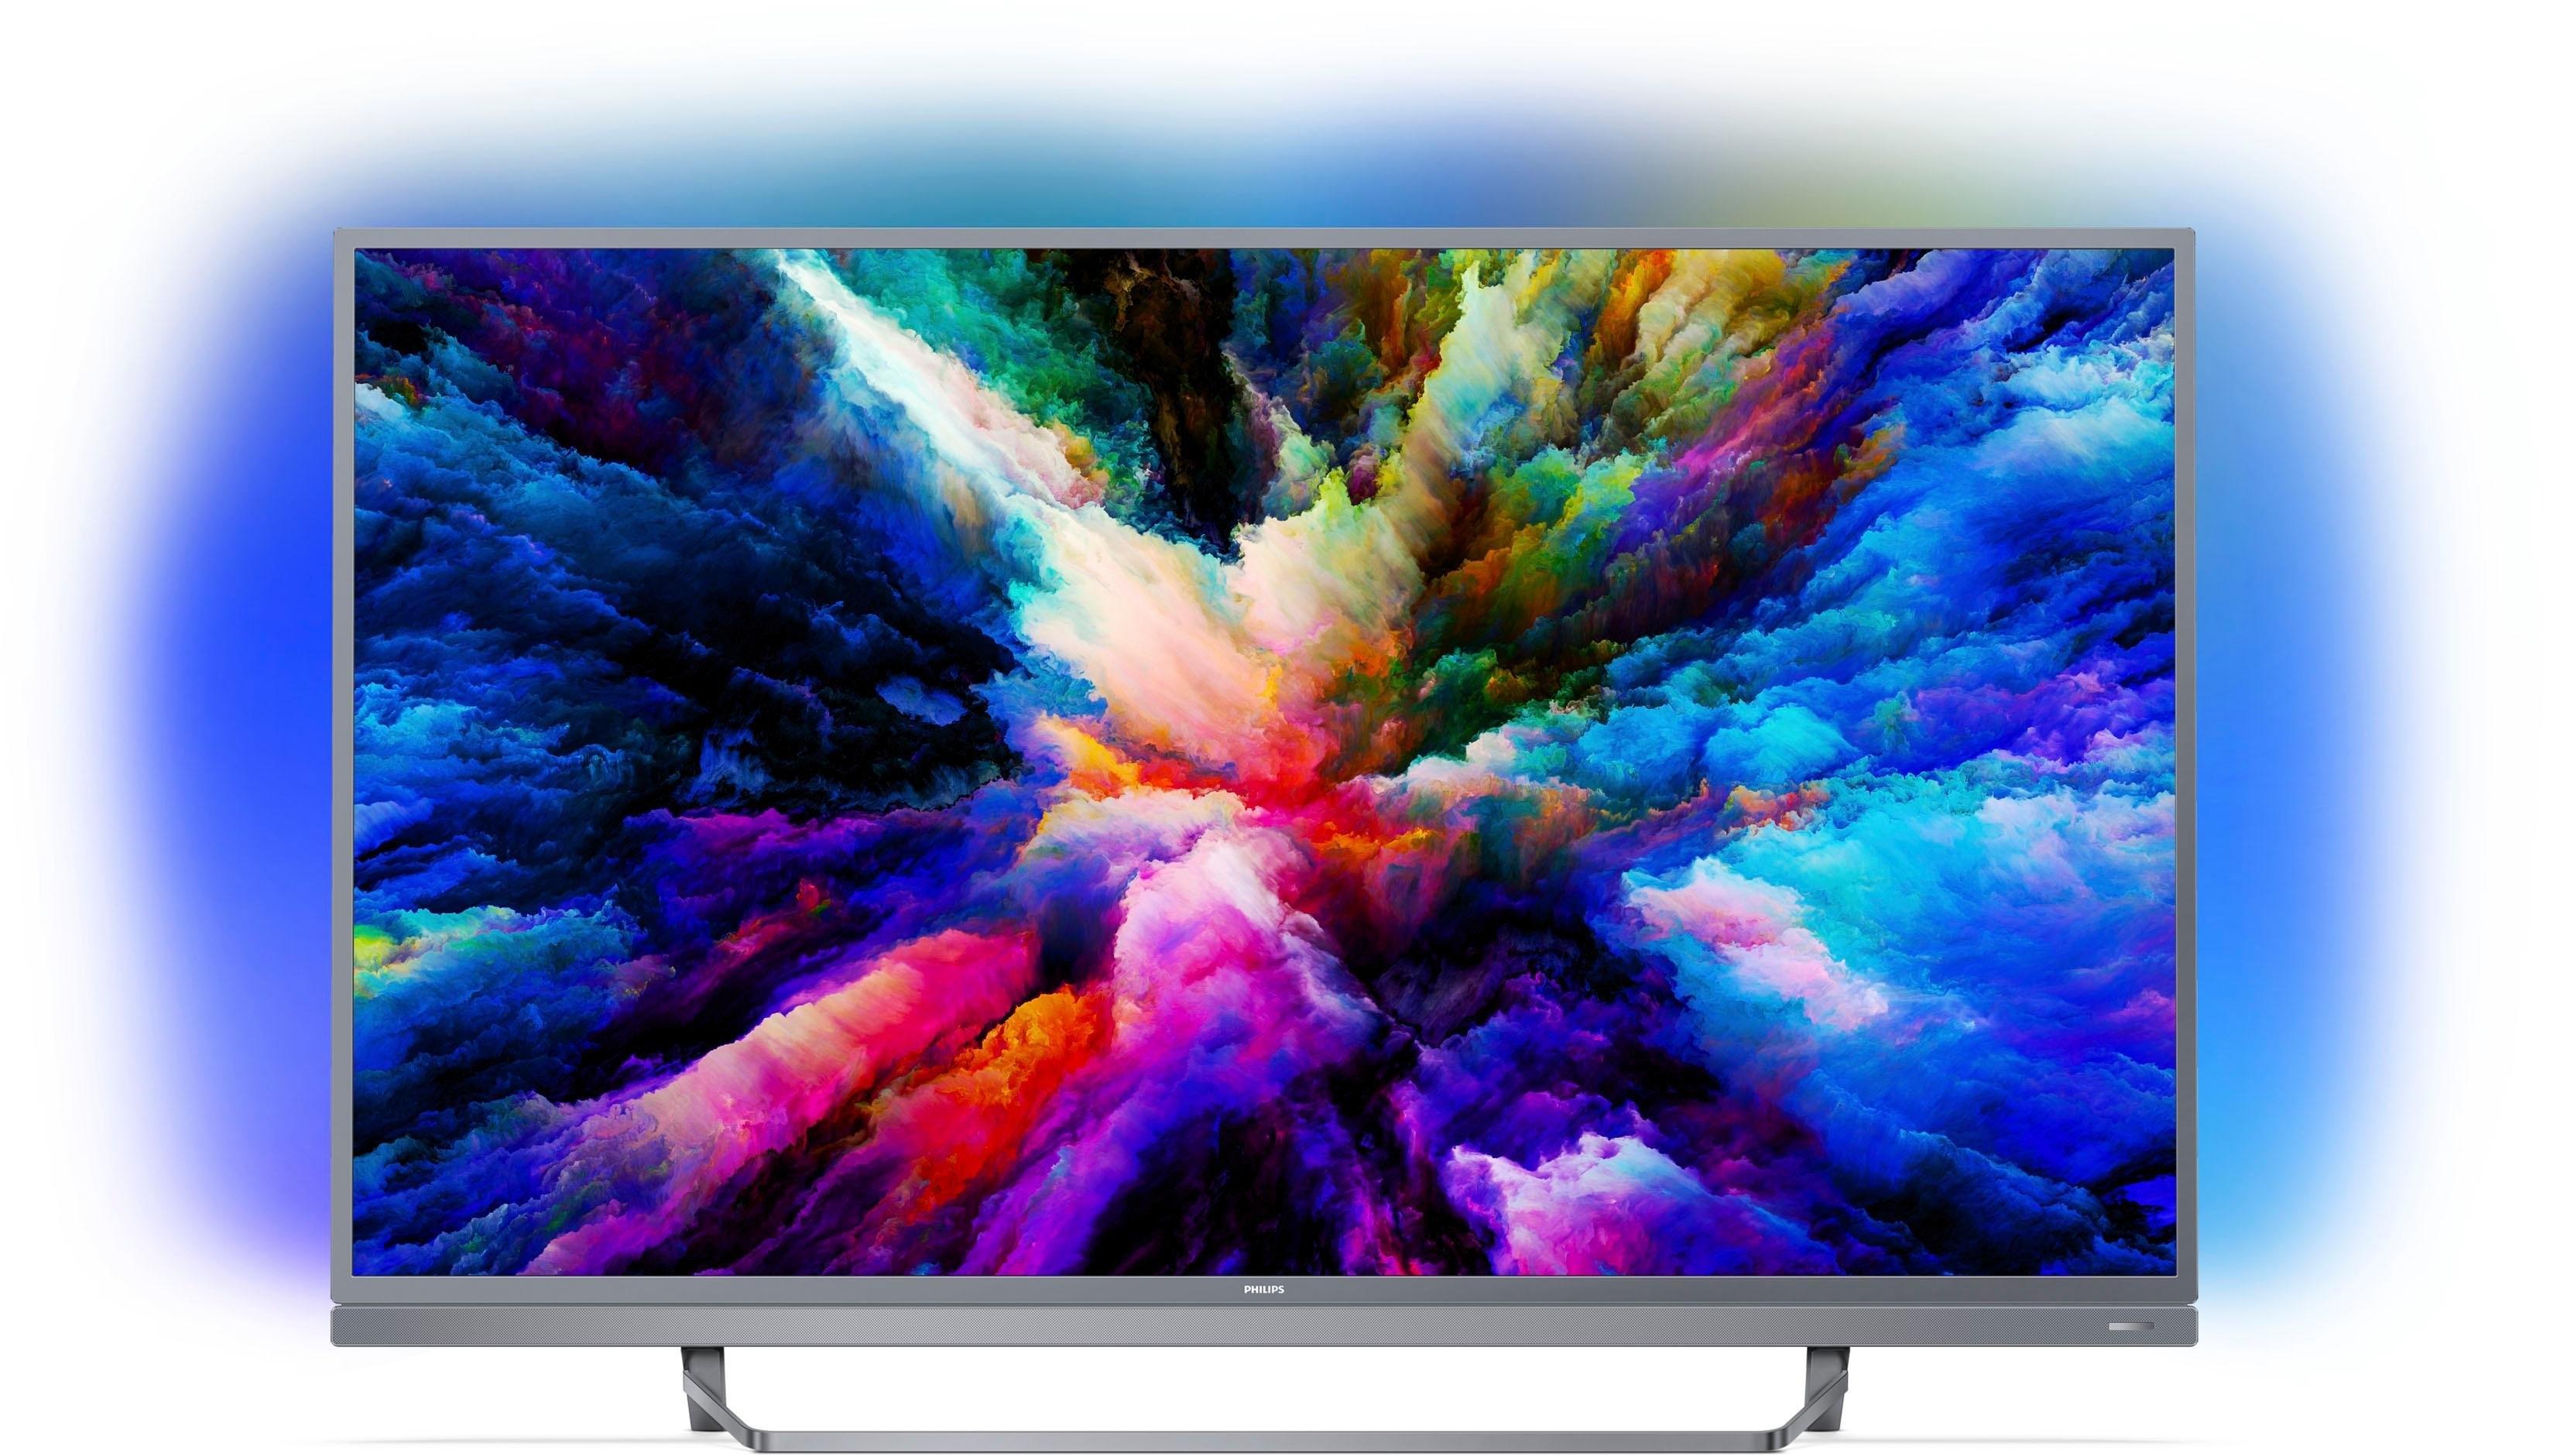 Philips 55PUS7503 led-tv (139 cm / 55 inch), smart-tv, 4K Ultra HD bestellen: 14 dagen bedenktijd